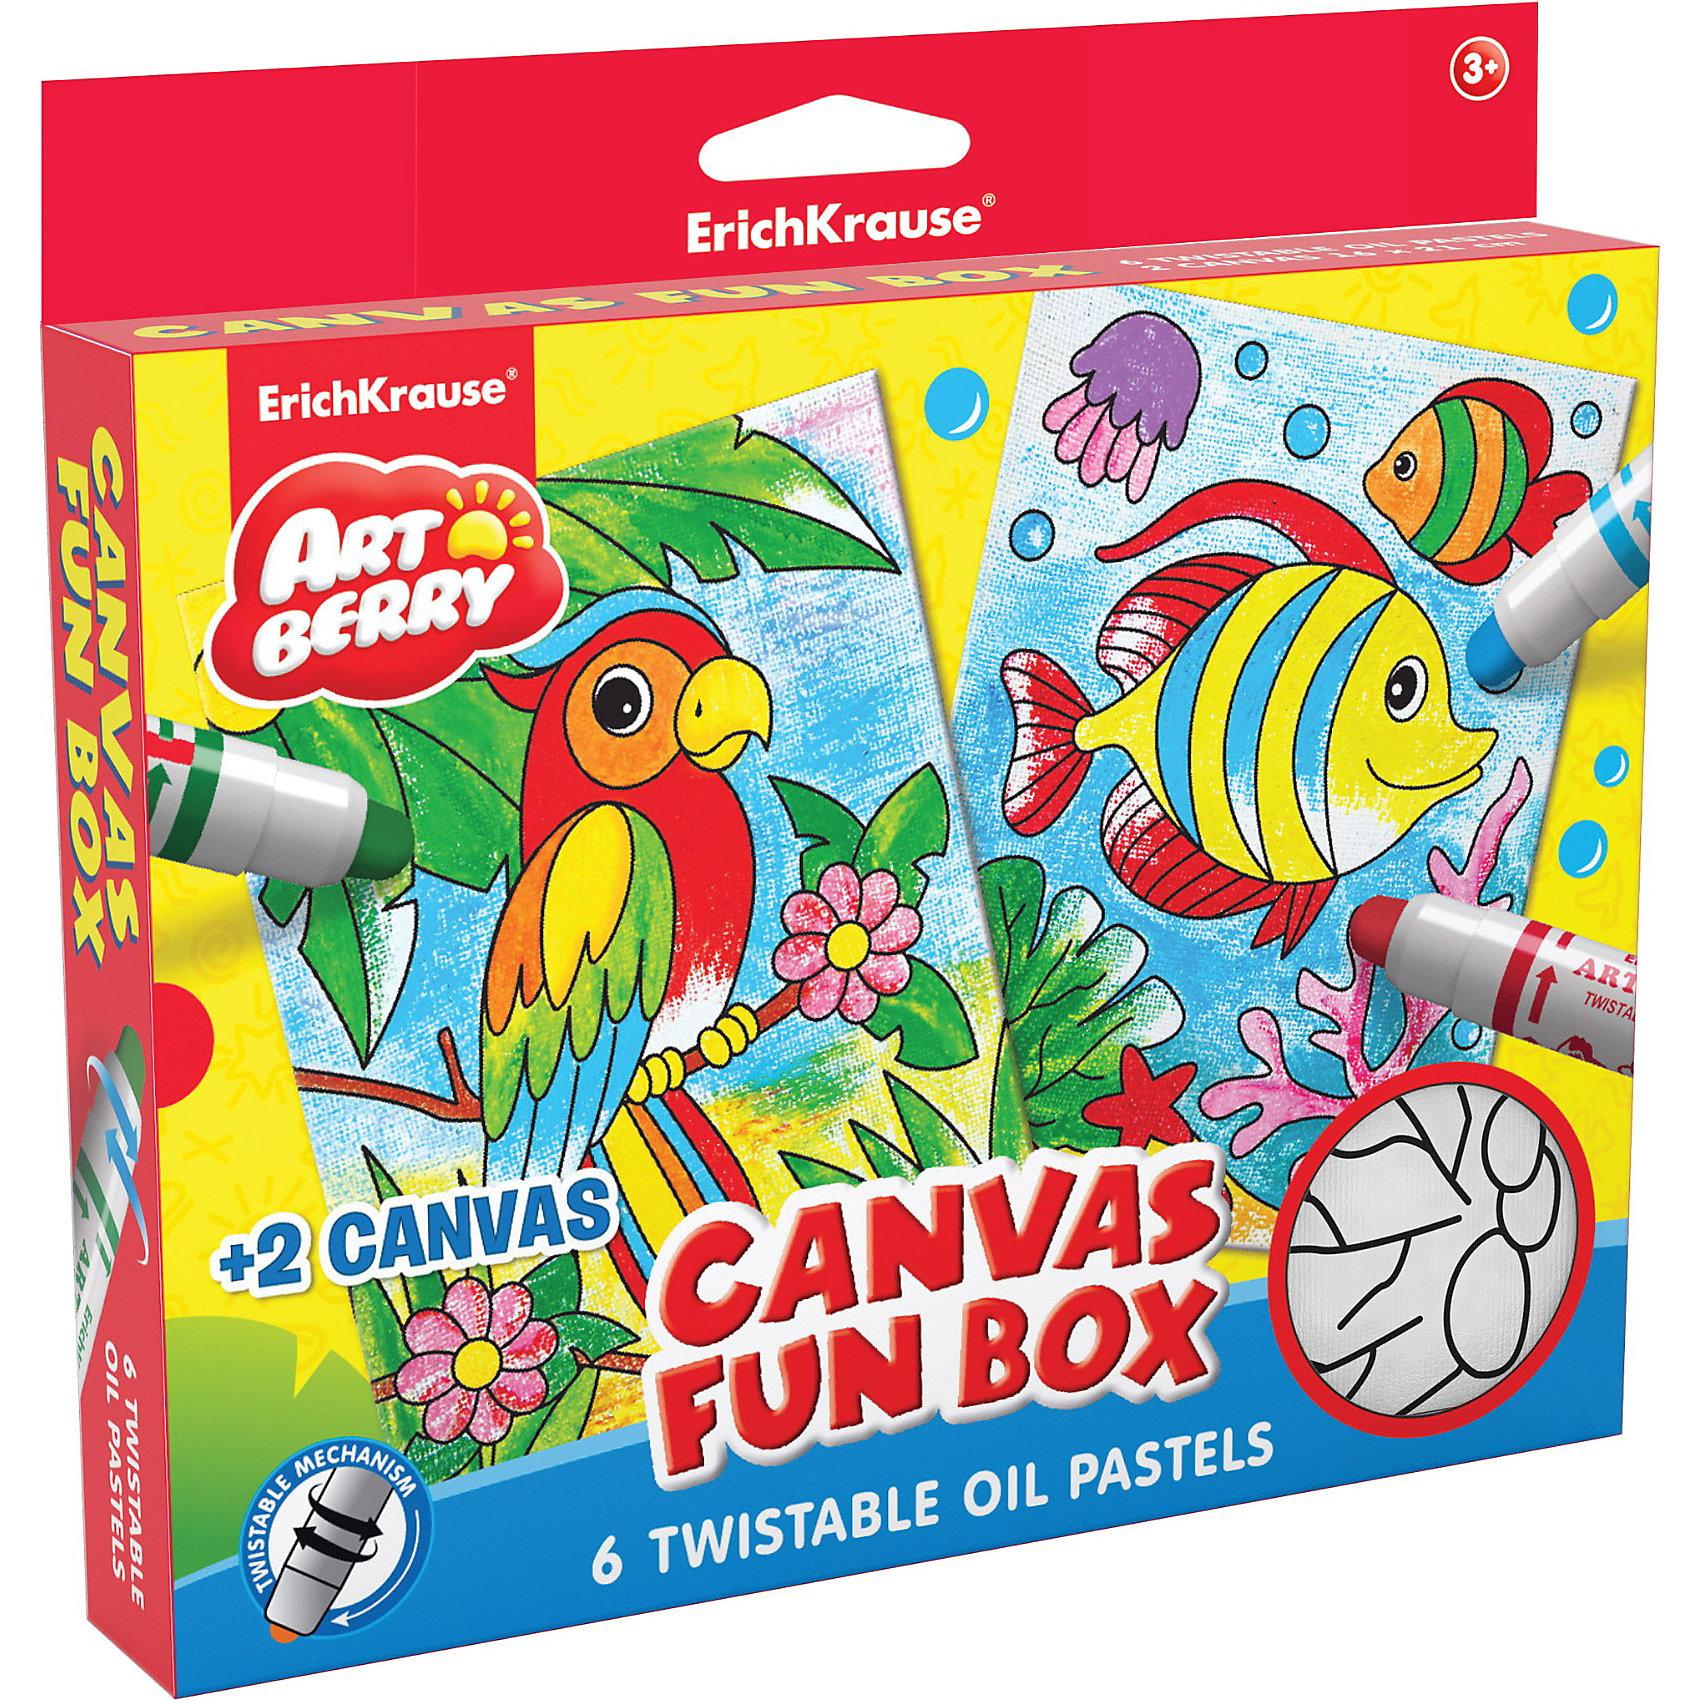 Набор для творчества Canvas Fun box ArtberryНаборы для раскрашивания<br>Набор для творчества Canvas Fun box Artberry от Erich Krause (Эрих Краузе) позволит создавать красивые рисунки на холсте. В комплекте имеется 2 холста для раскрашивания с нанесенными черно-белыми контурами рыбки и попугая и масляная пастель 6 цветов в виде больших карандашей. Для того, чтобы начать рисовать, нужно лишь покрутить колпачок карандаша с пастелью. <br><br>Дополнительная информация:<br><br>- размеры холста  16х21 см<br>- подходит для разных техник рисования<br>- краски отстирываются с большинства тканей и бытовых поверхностей<br><br>Набор для творчества Canvas Fun box Artberry можно купить в нашем магазине.<br><br>Ширина мм: 225<br>Глубина мм: 205<br>Высота мм: 35<br>Вес г: 300<br>Возраст от месяцев: 36<br>Возраст до месяцев: 96<br>Пол: Унисекс<br>Возраст: Детский<br>SKU: 3525239